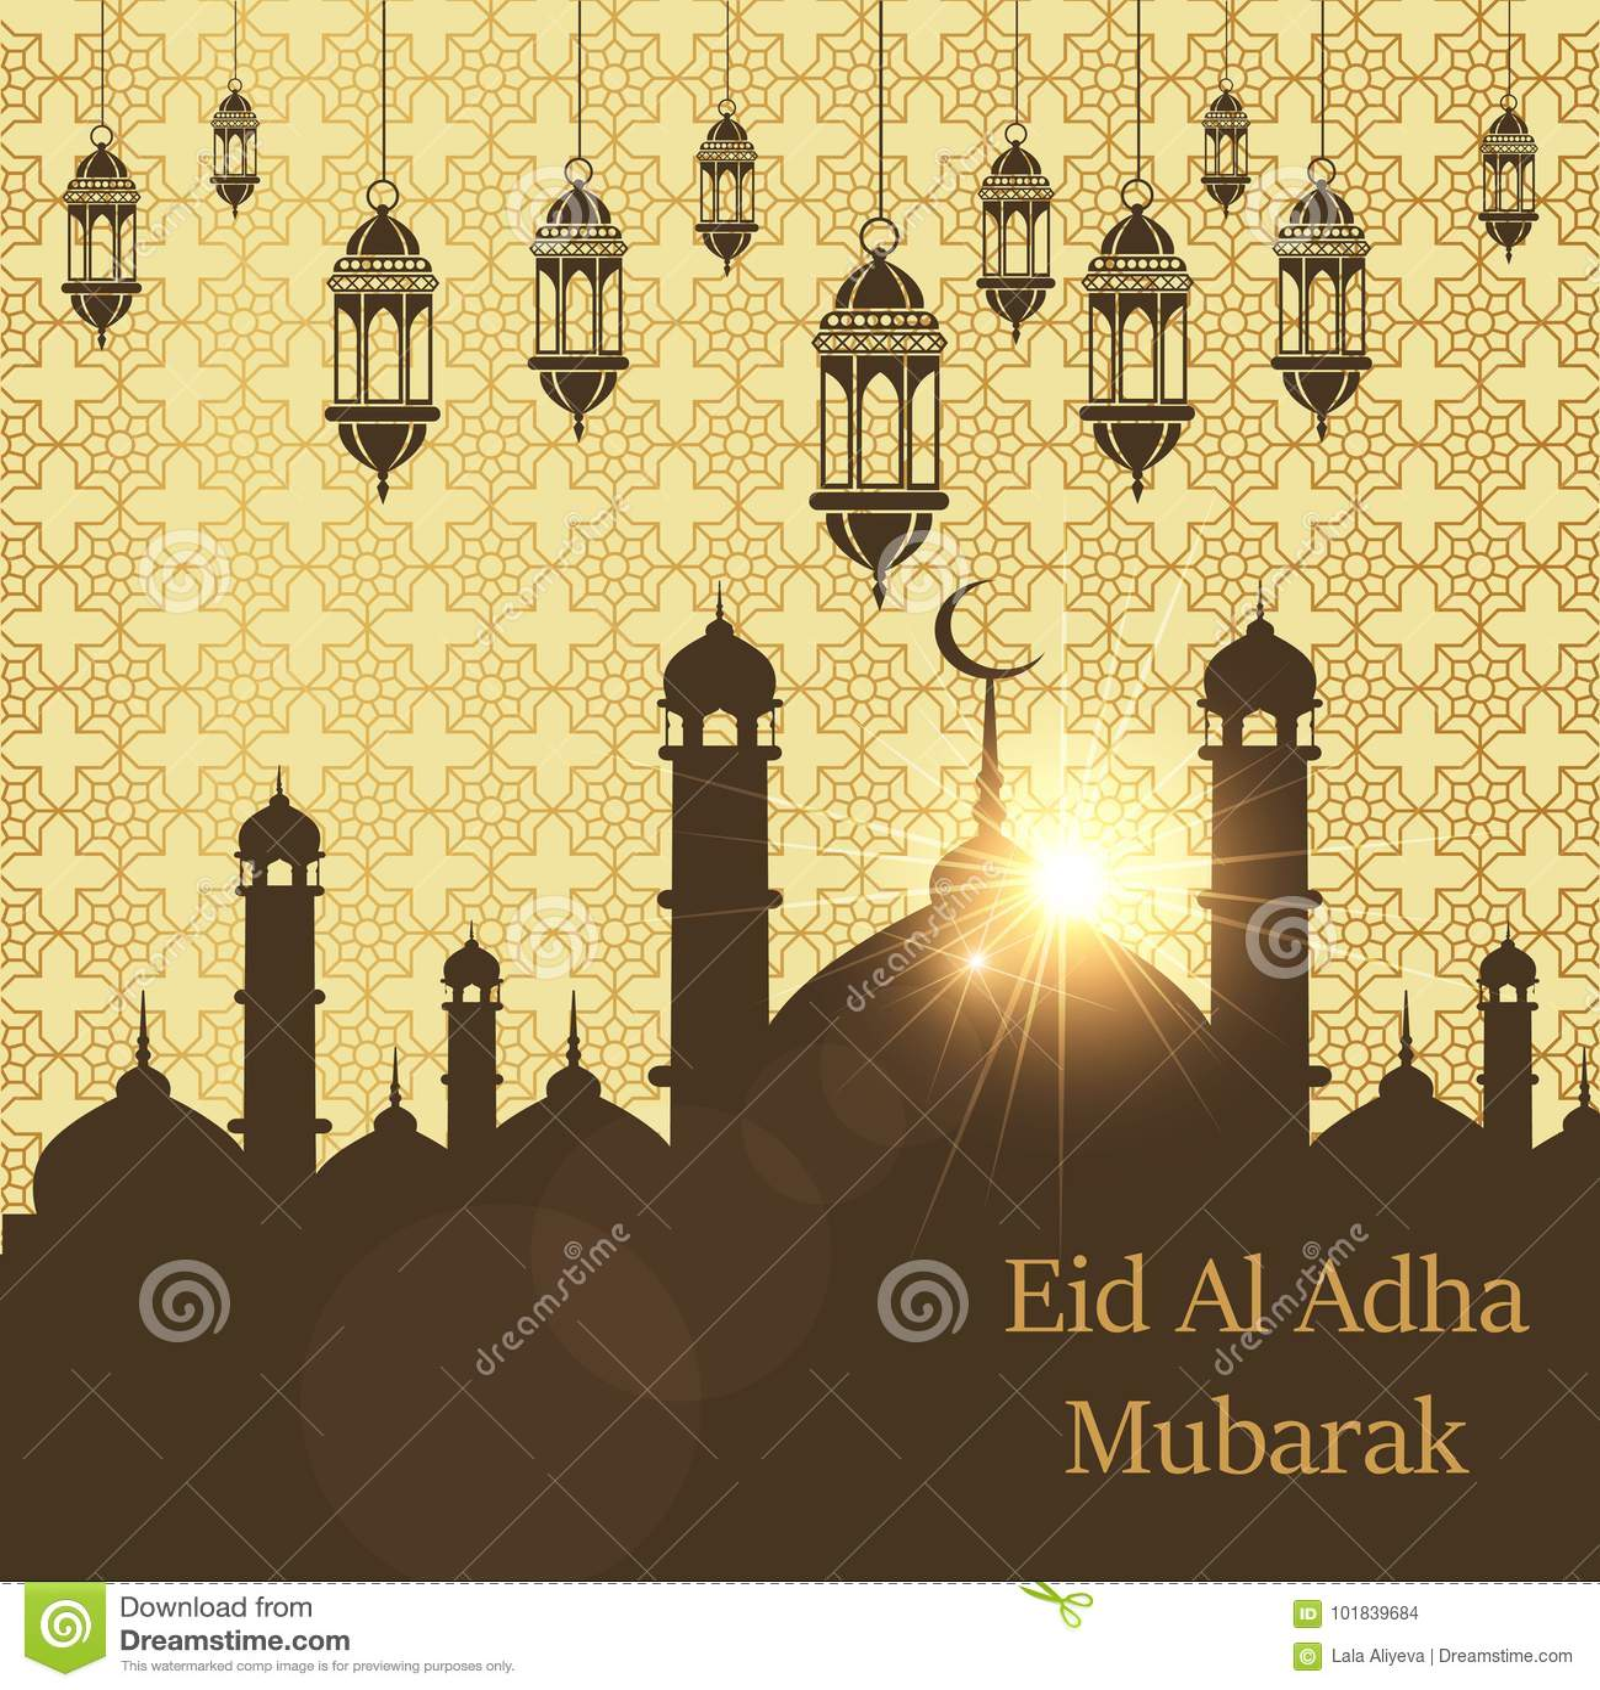 Islamisk festival av offret, Eid Al Adha Mubarak Greeting Card Det kan vara nödvändigt för kapacitet av designarbete